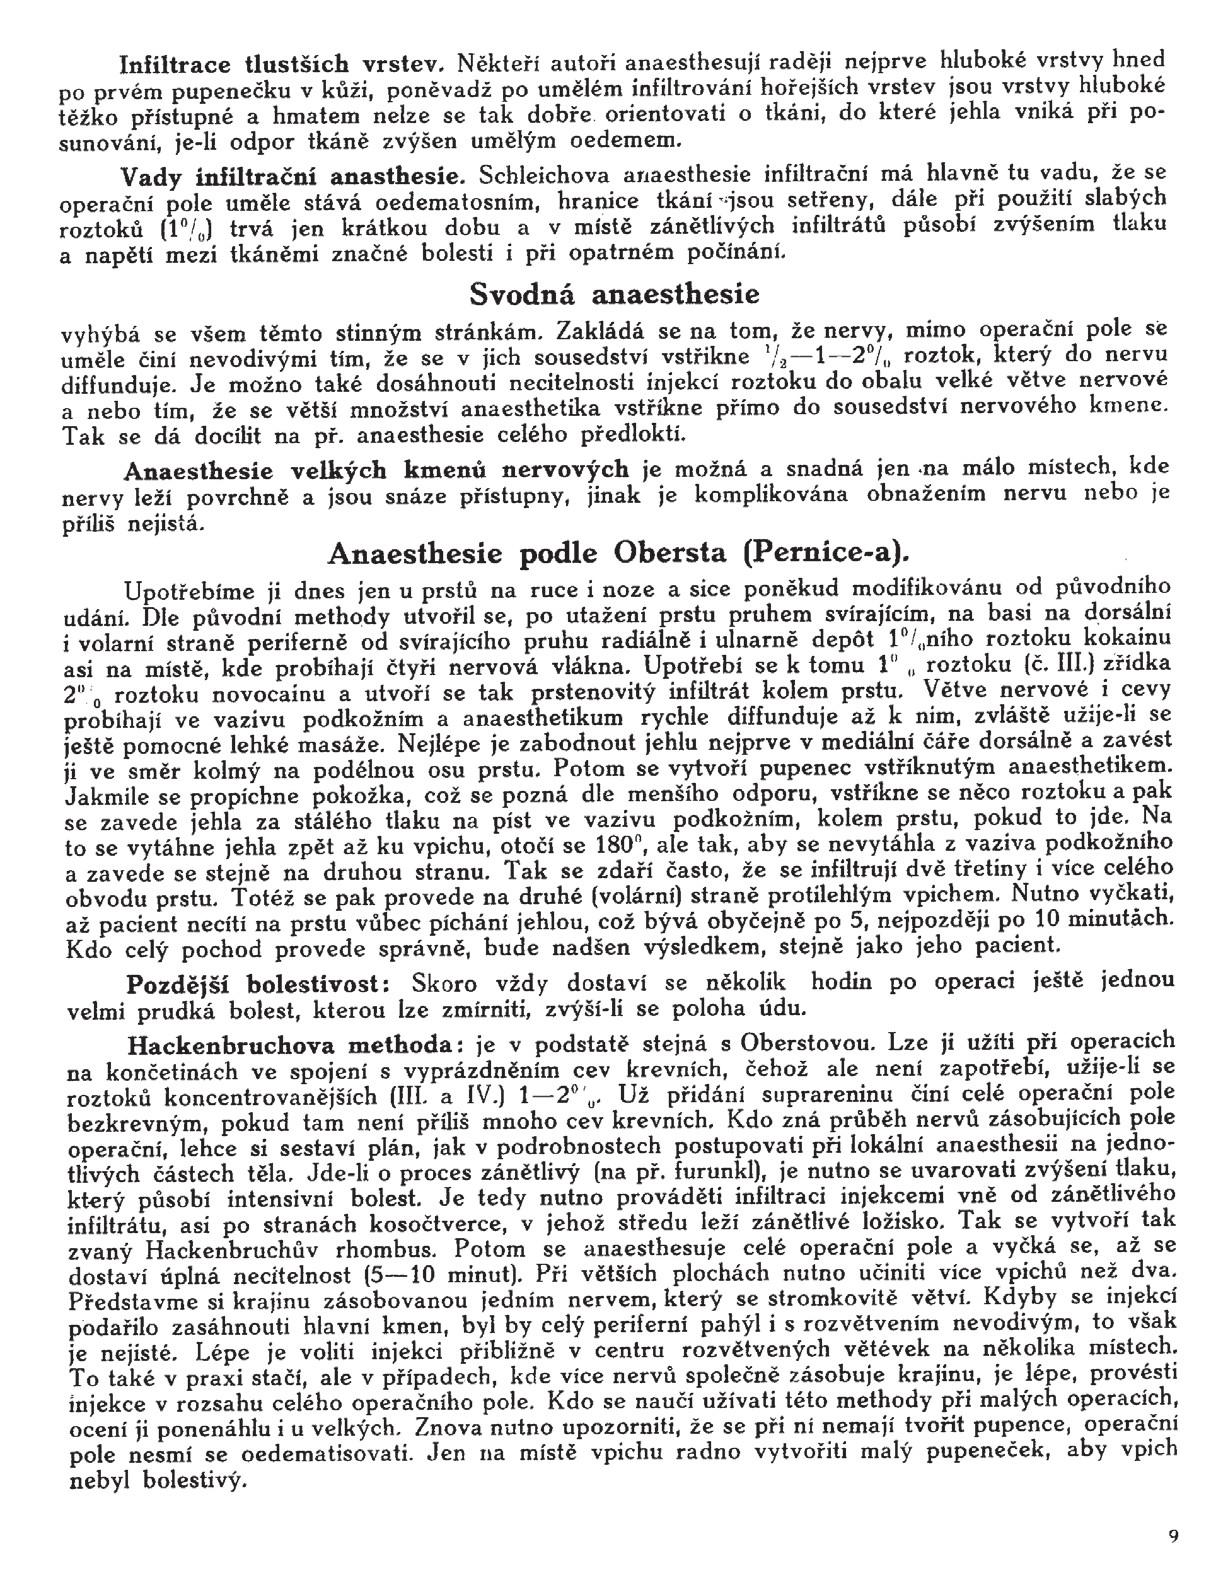 Stránka 9 z učebnice chirurgie z r. 1921